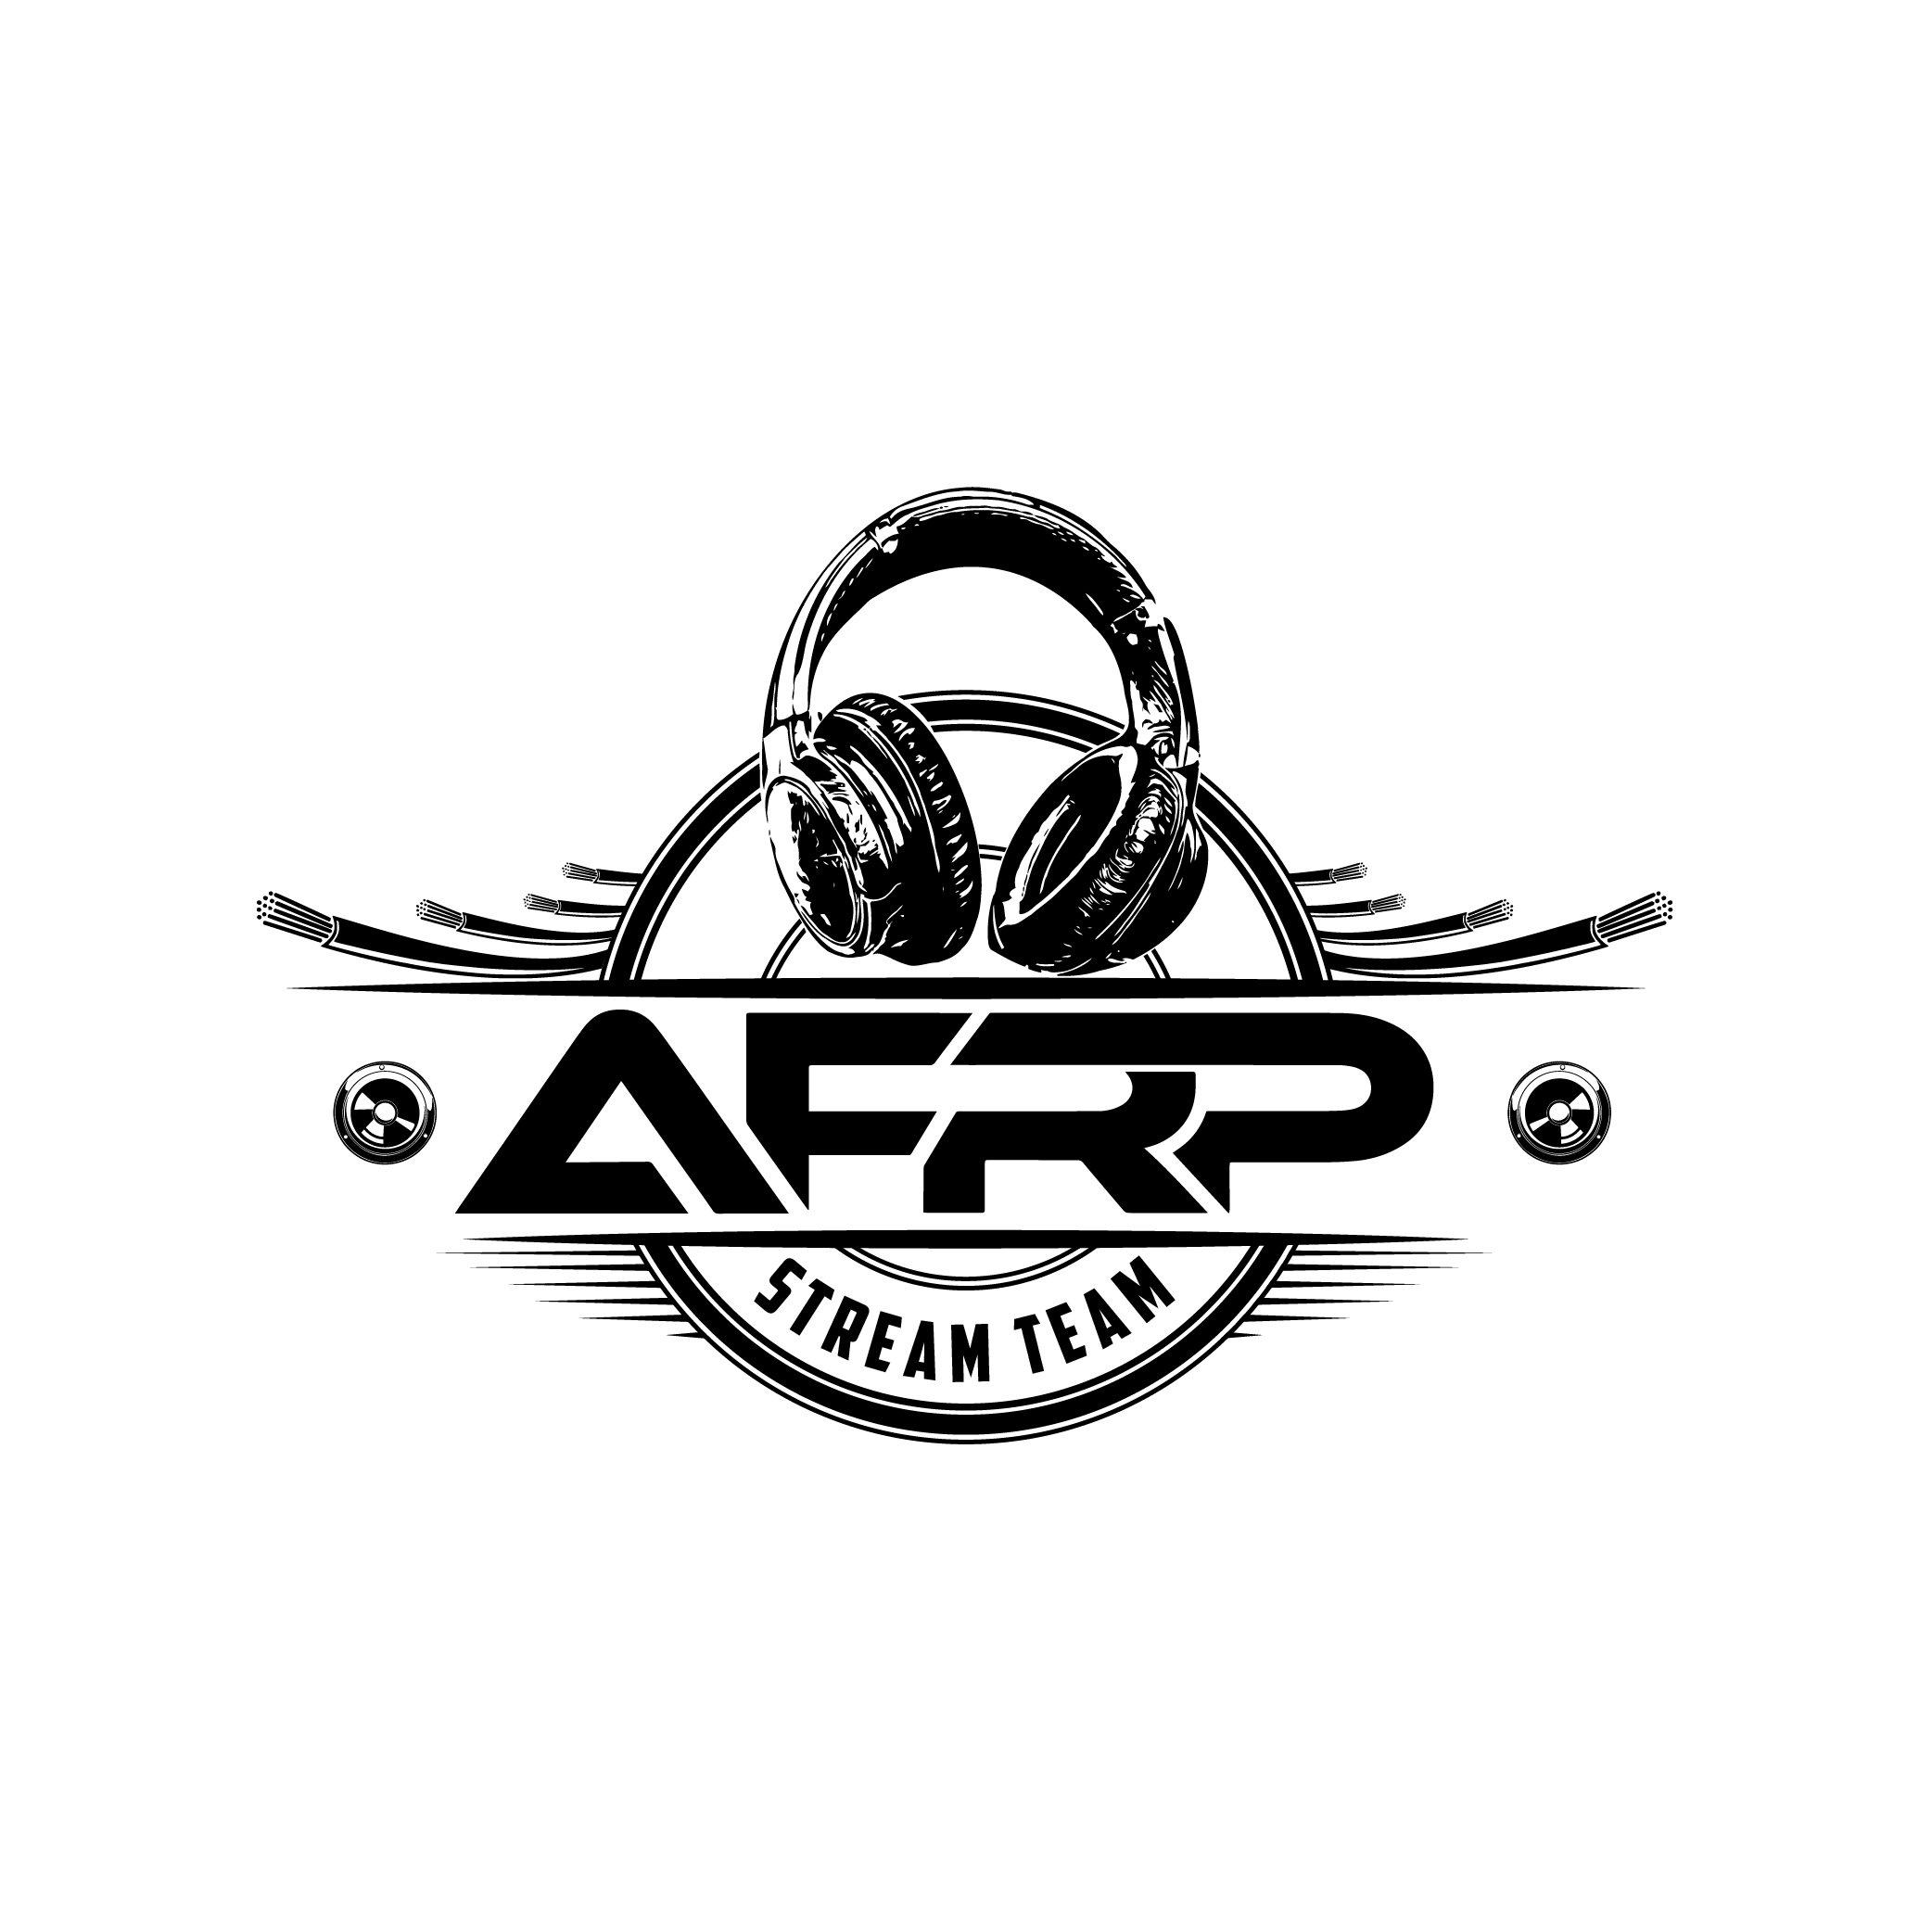 AFRP Stream Team STRMTM